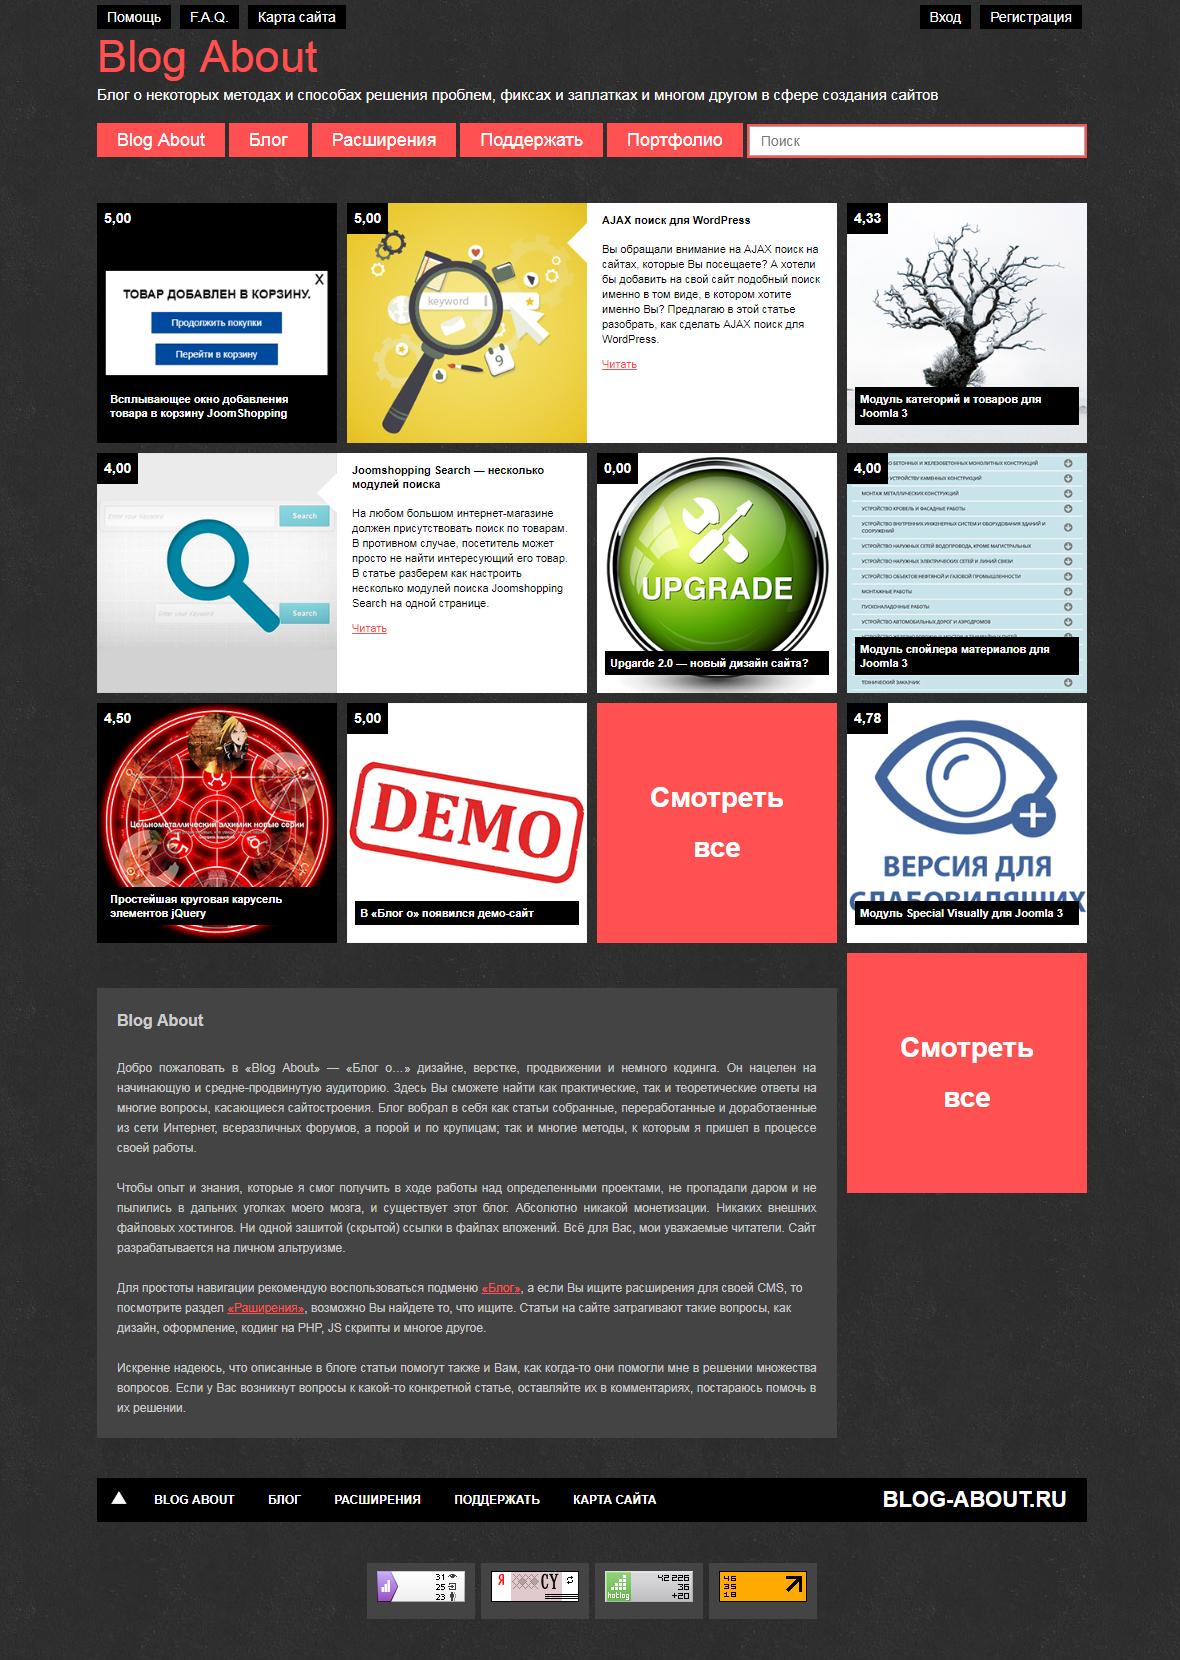 Обновление сайта Blog About